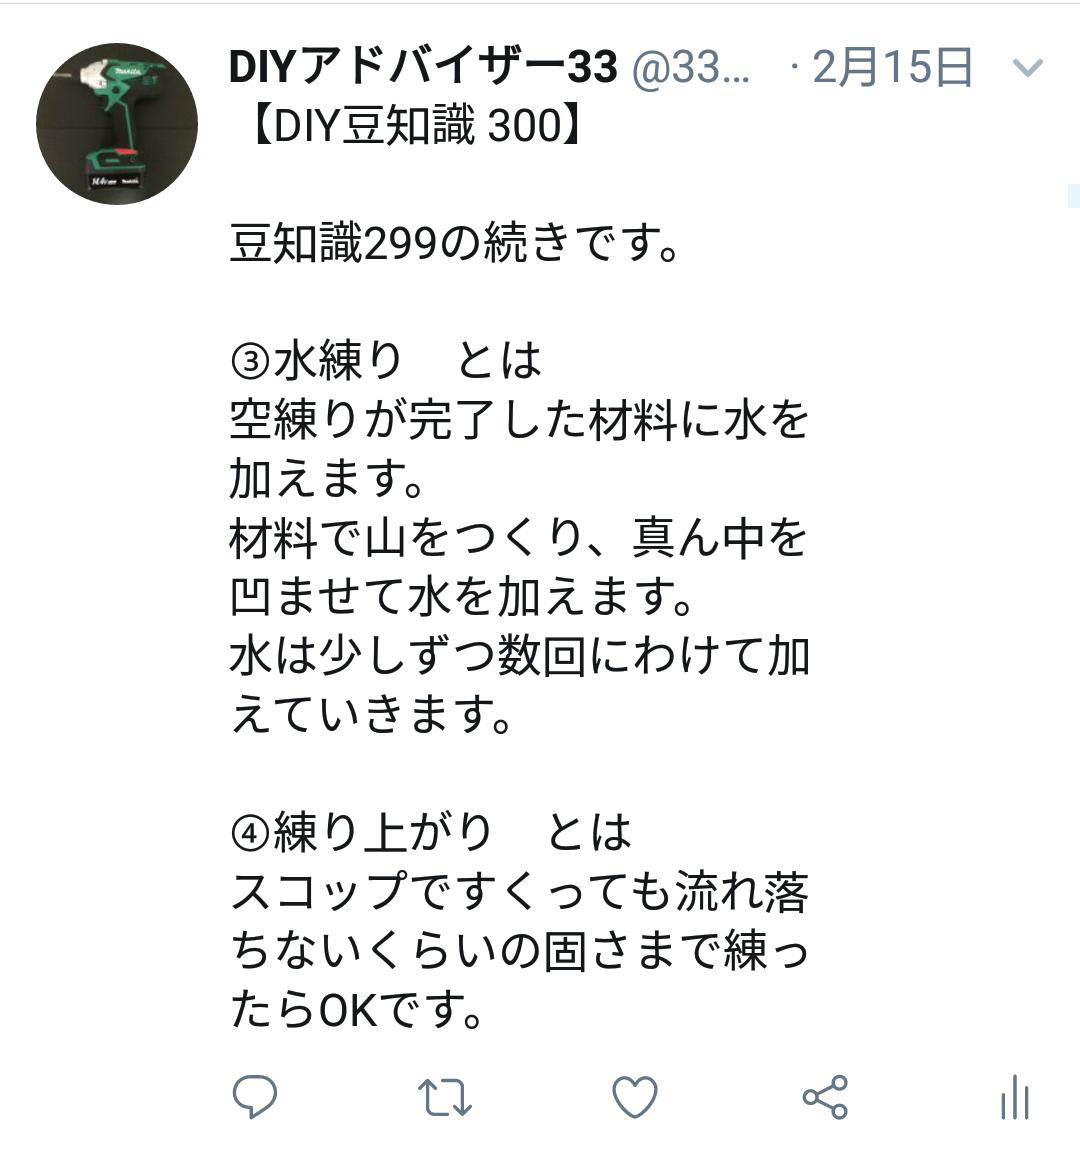 f:id:DIY33:20190409222438p:plain